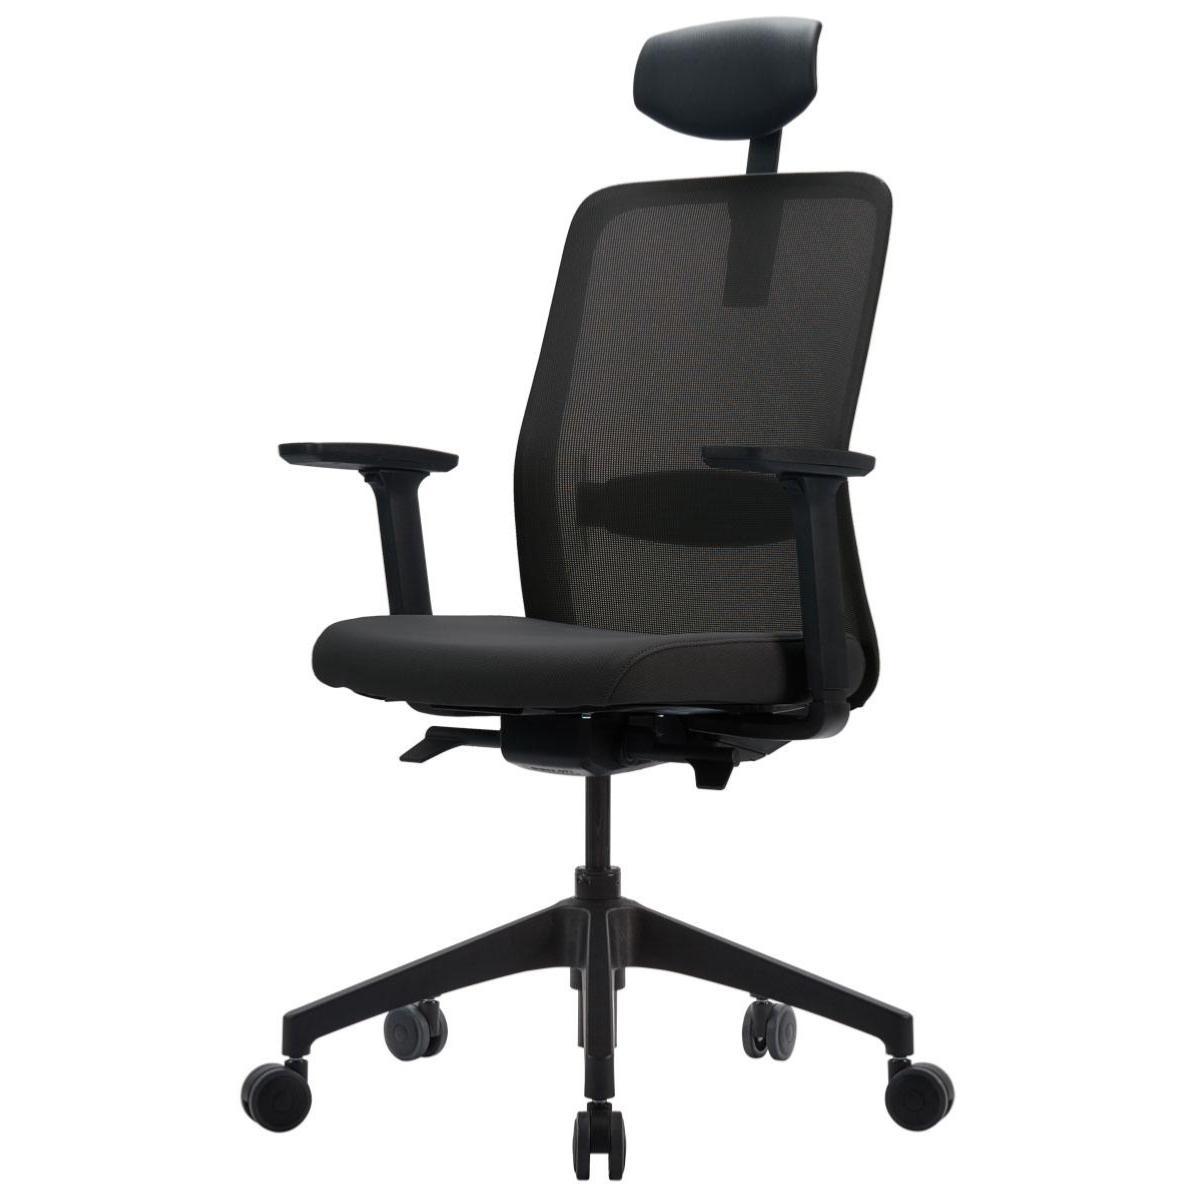 QUANTUM - Siège de bureau ergonomique Tissu/Filet